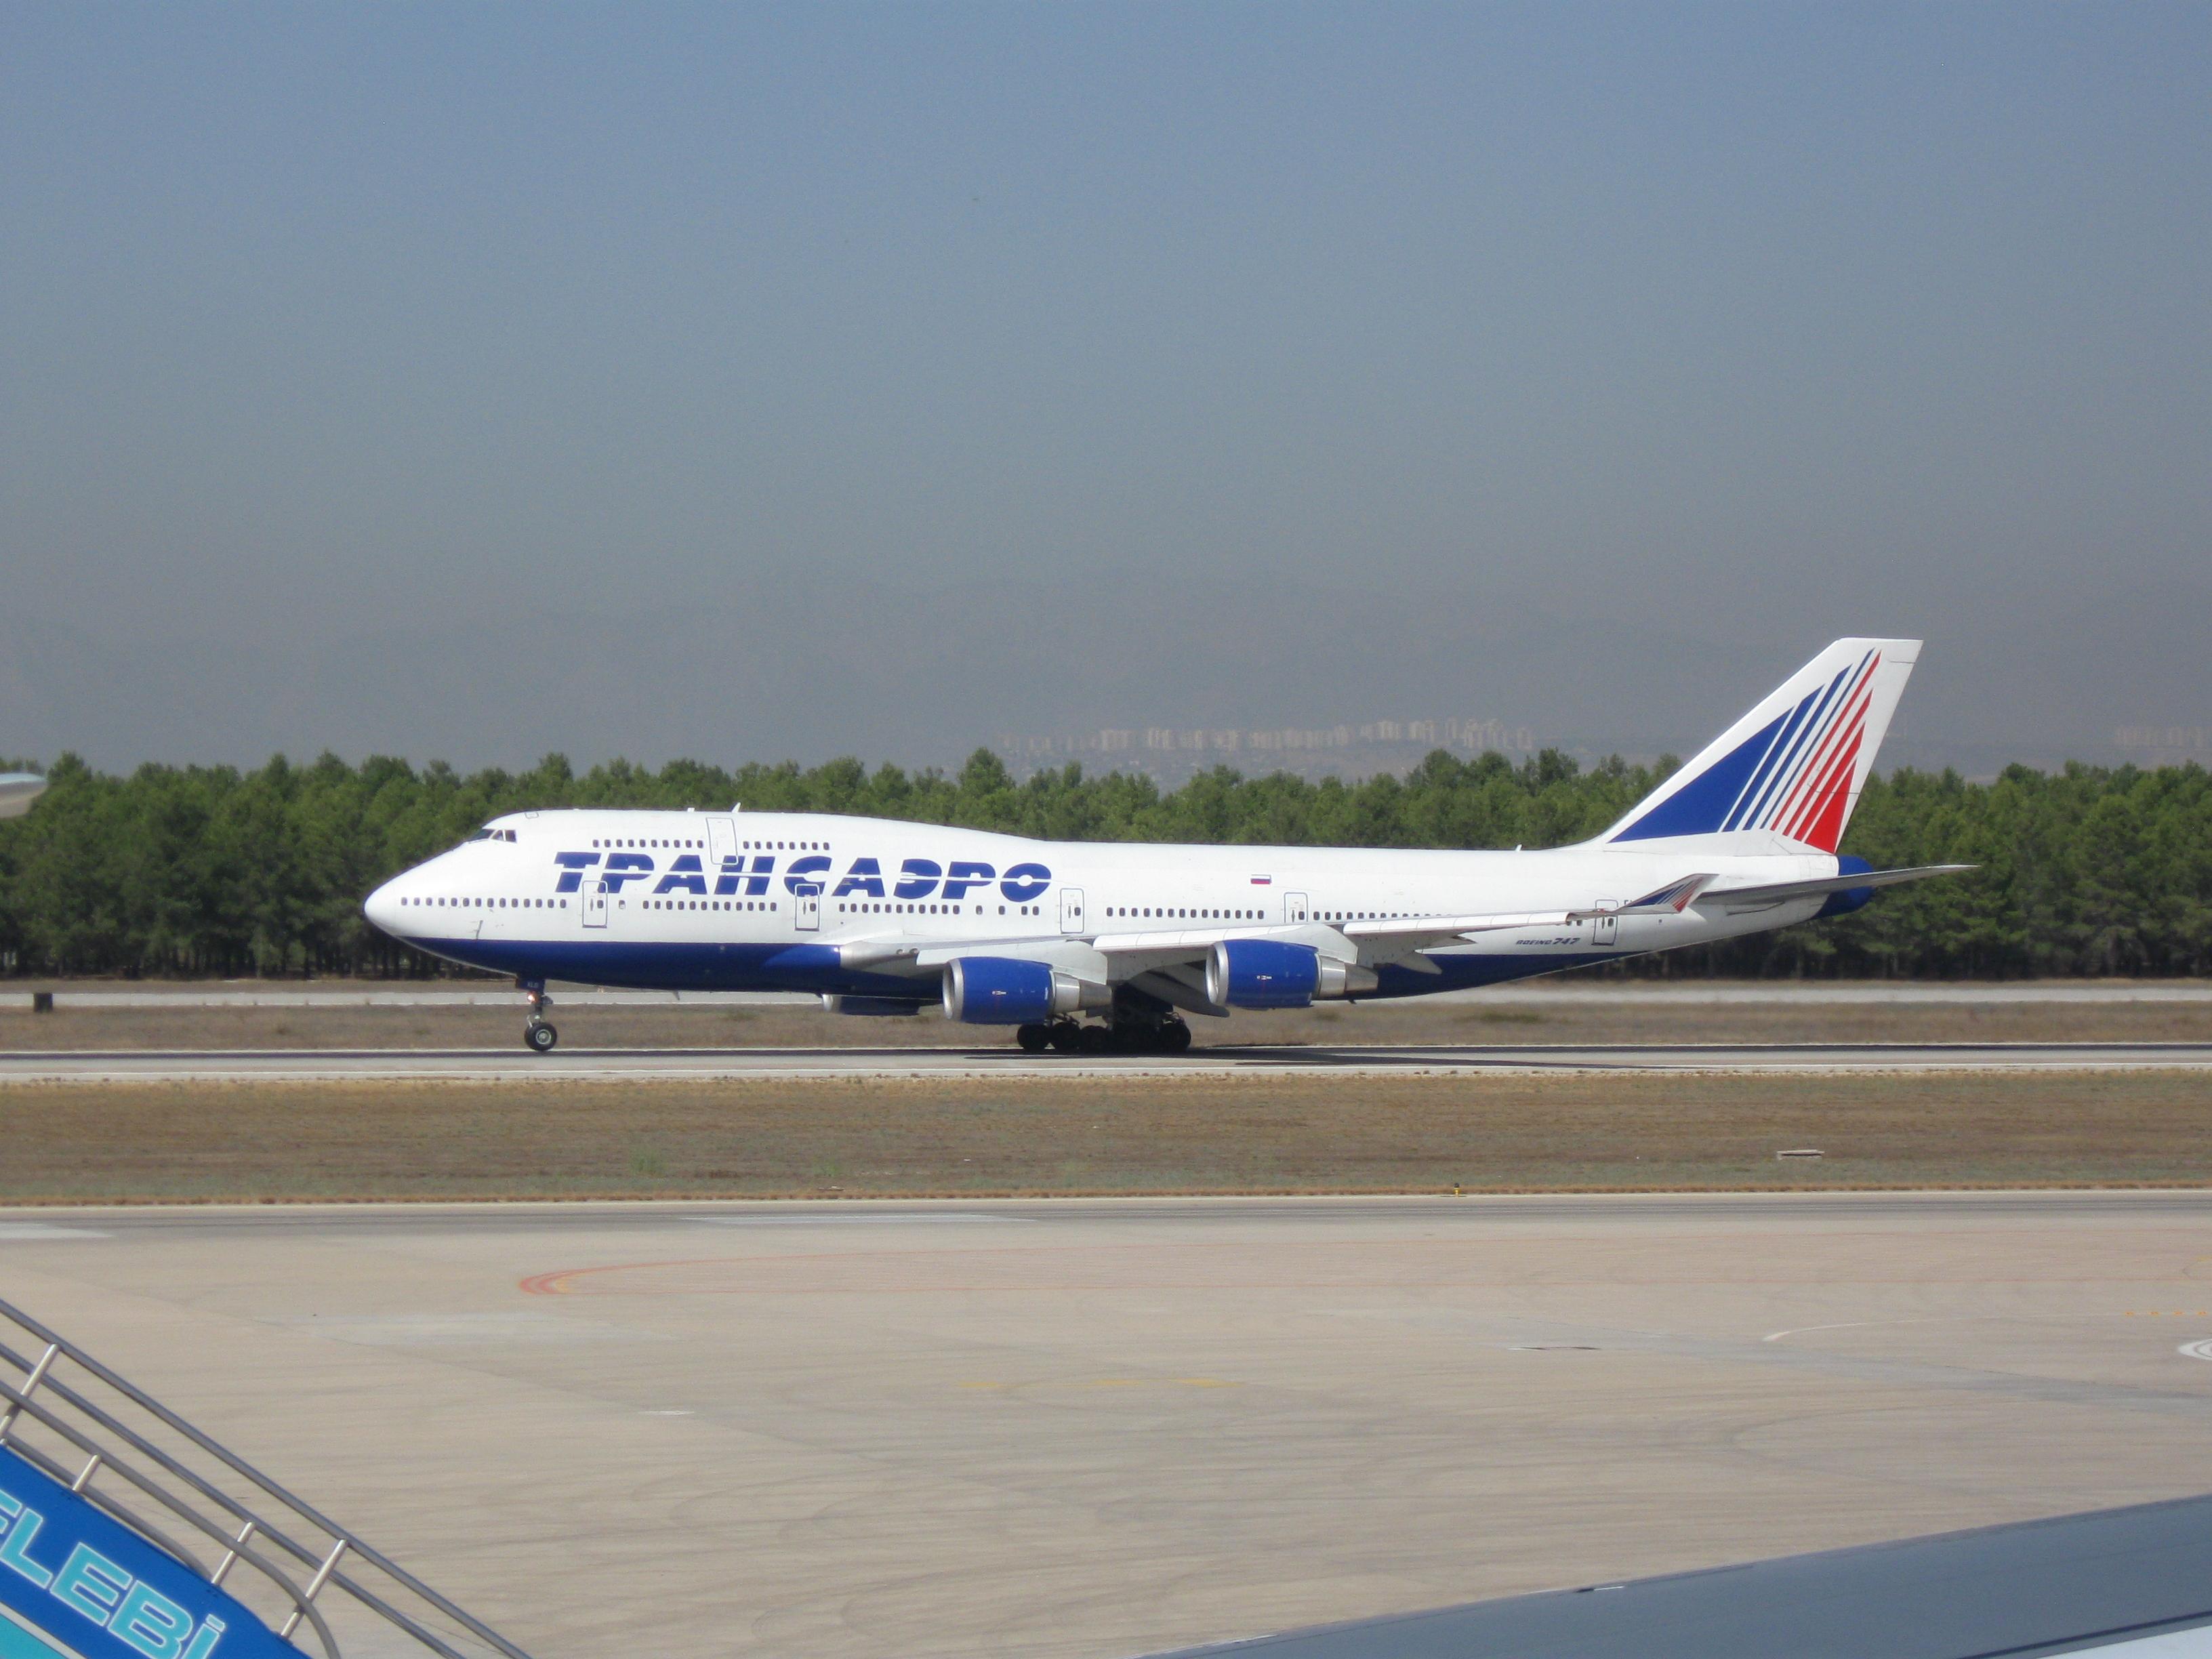 трансаэро боинг 747-400 фото